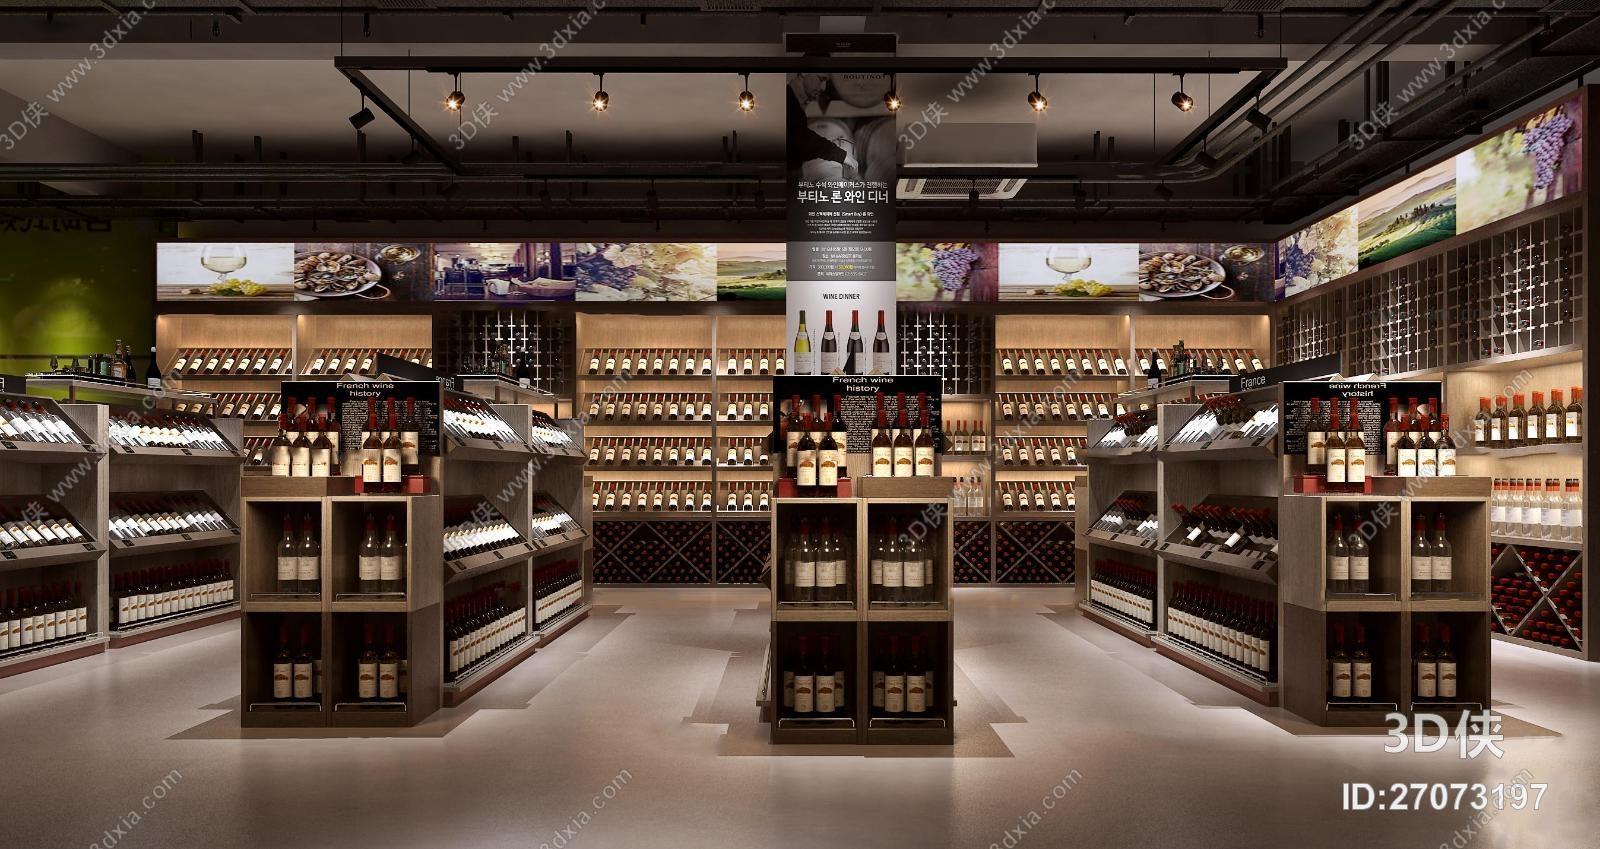 现代商场红酒区3D模型